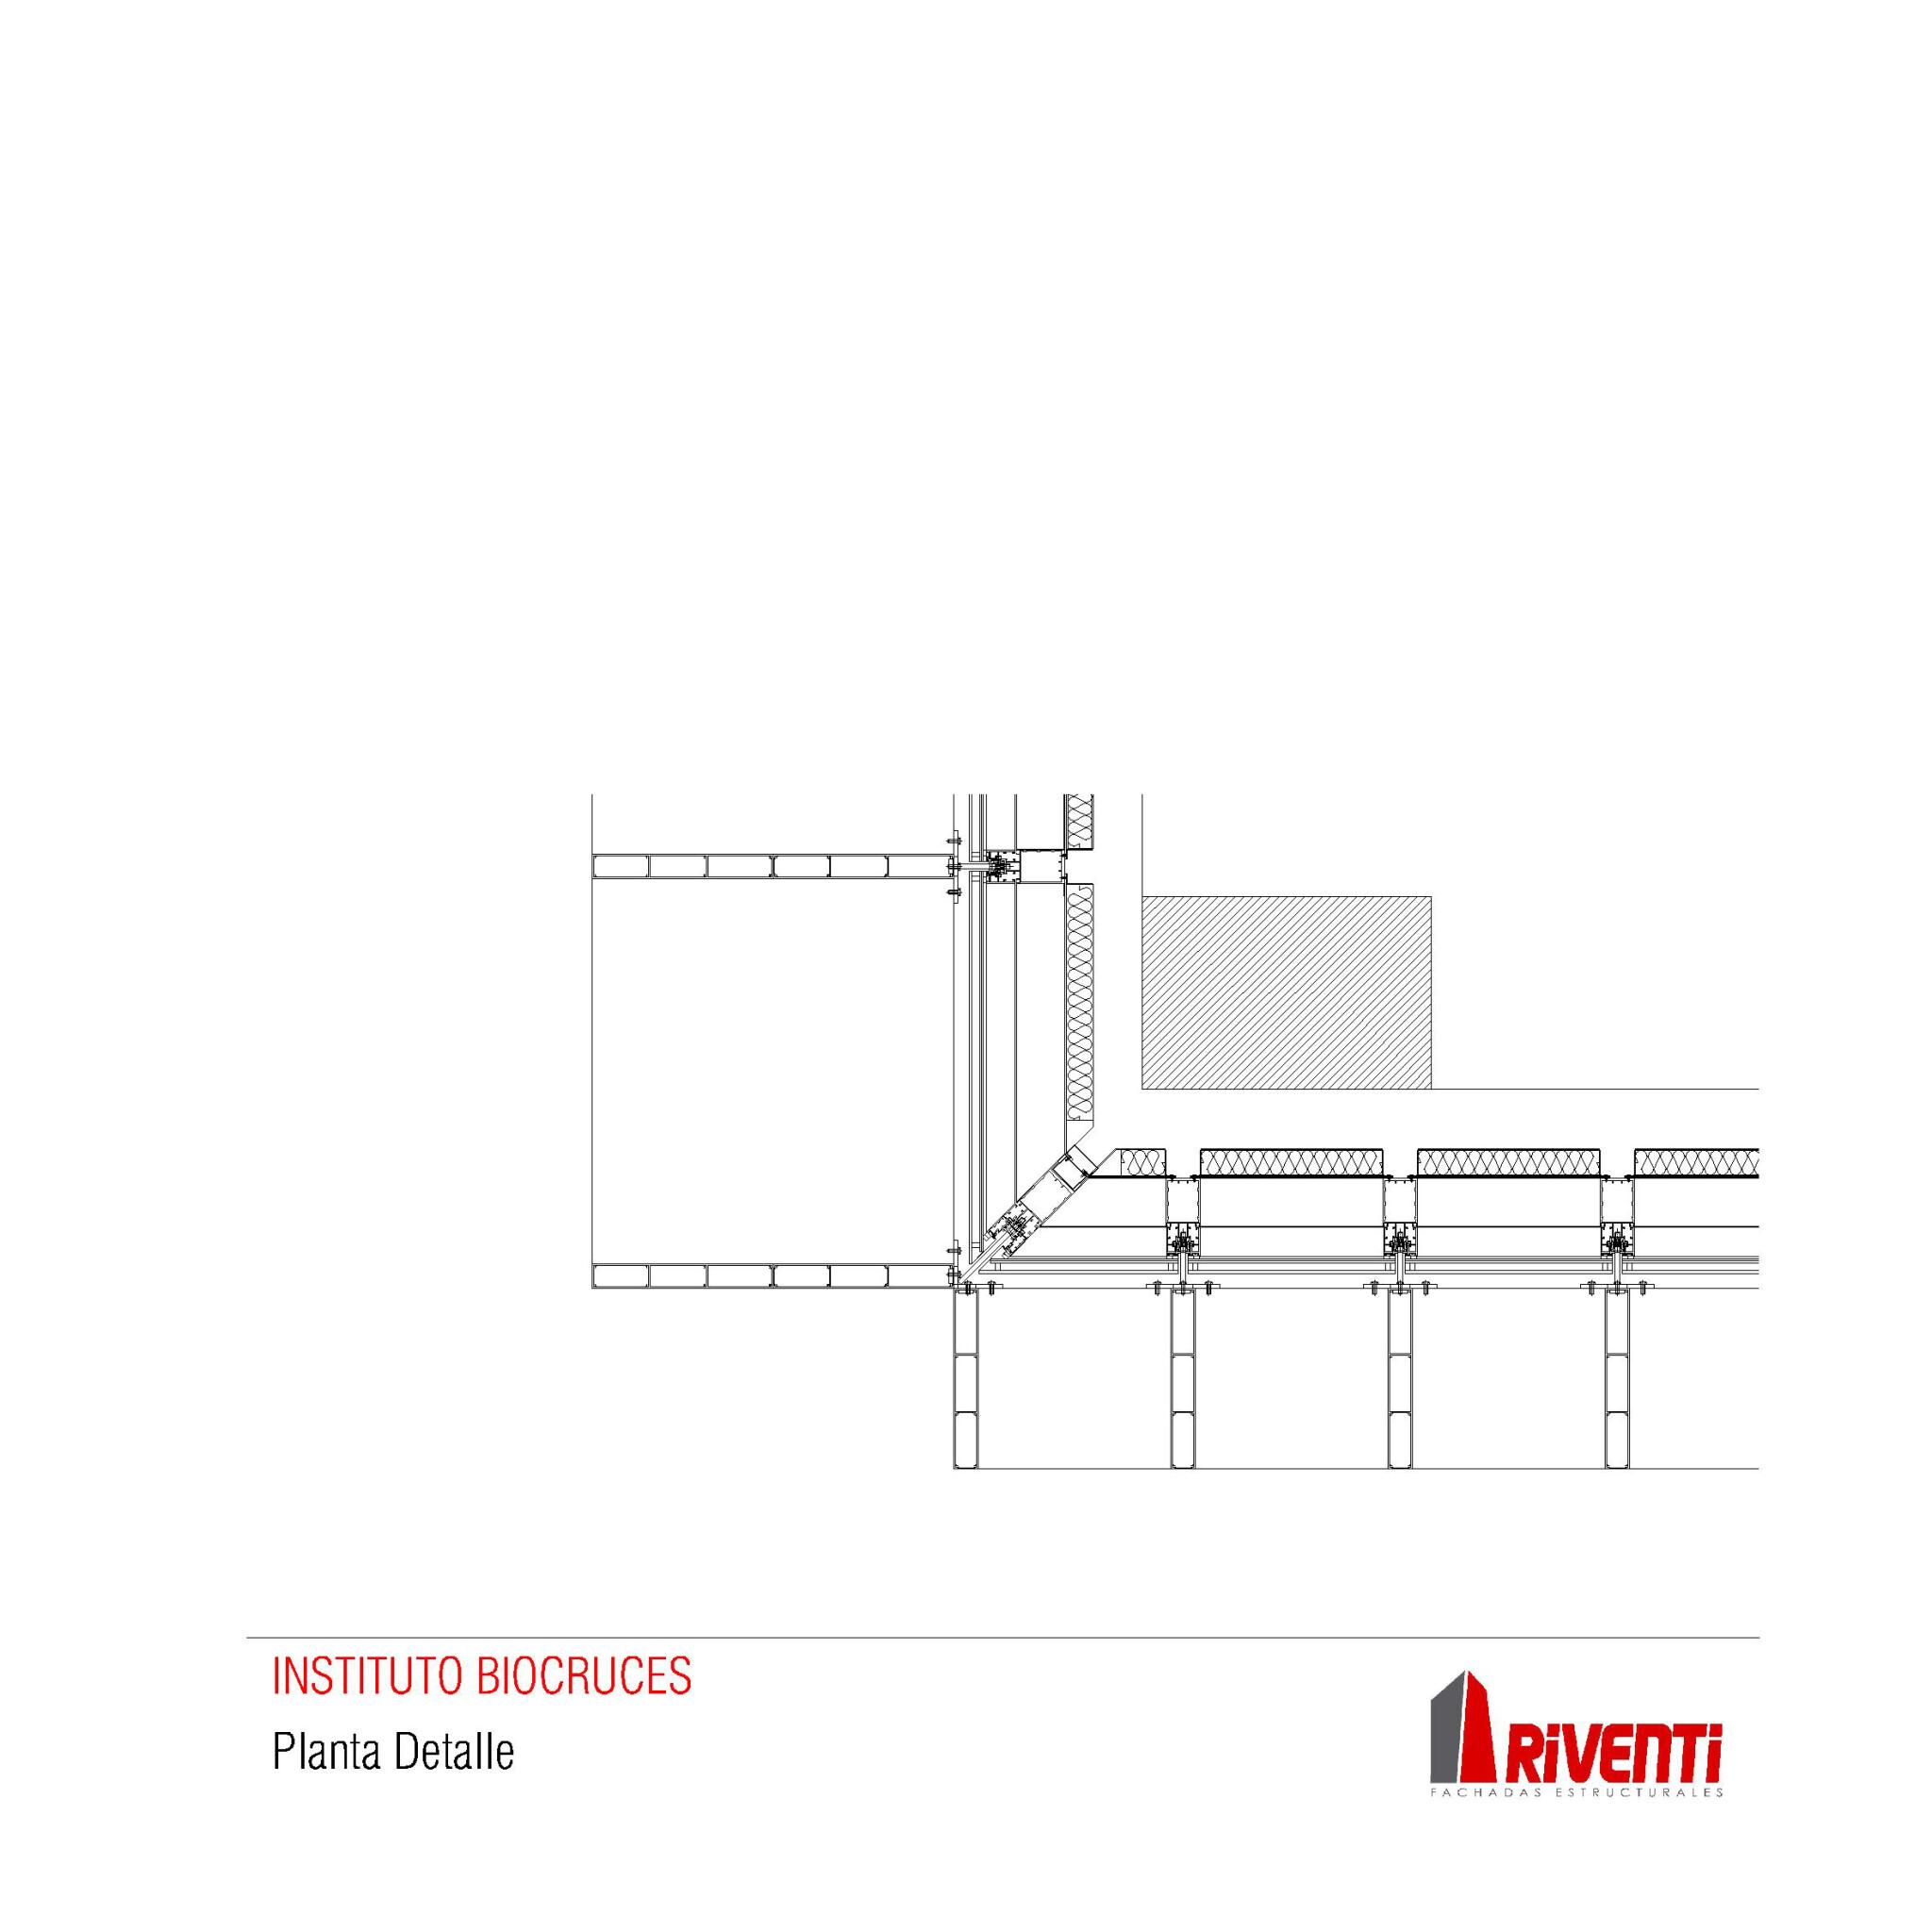 R-171_BIOCRUCES-planta_web_1_20